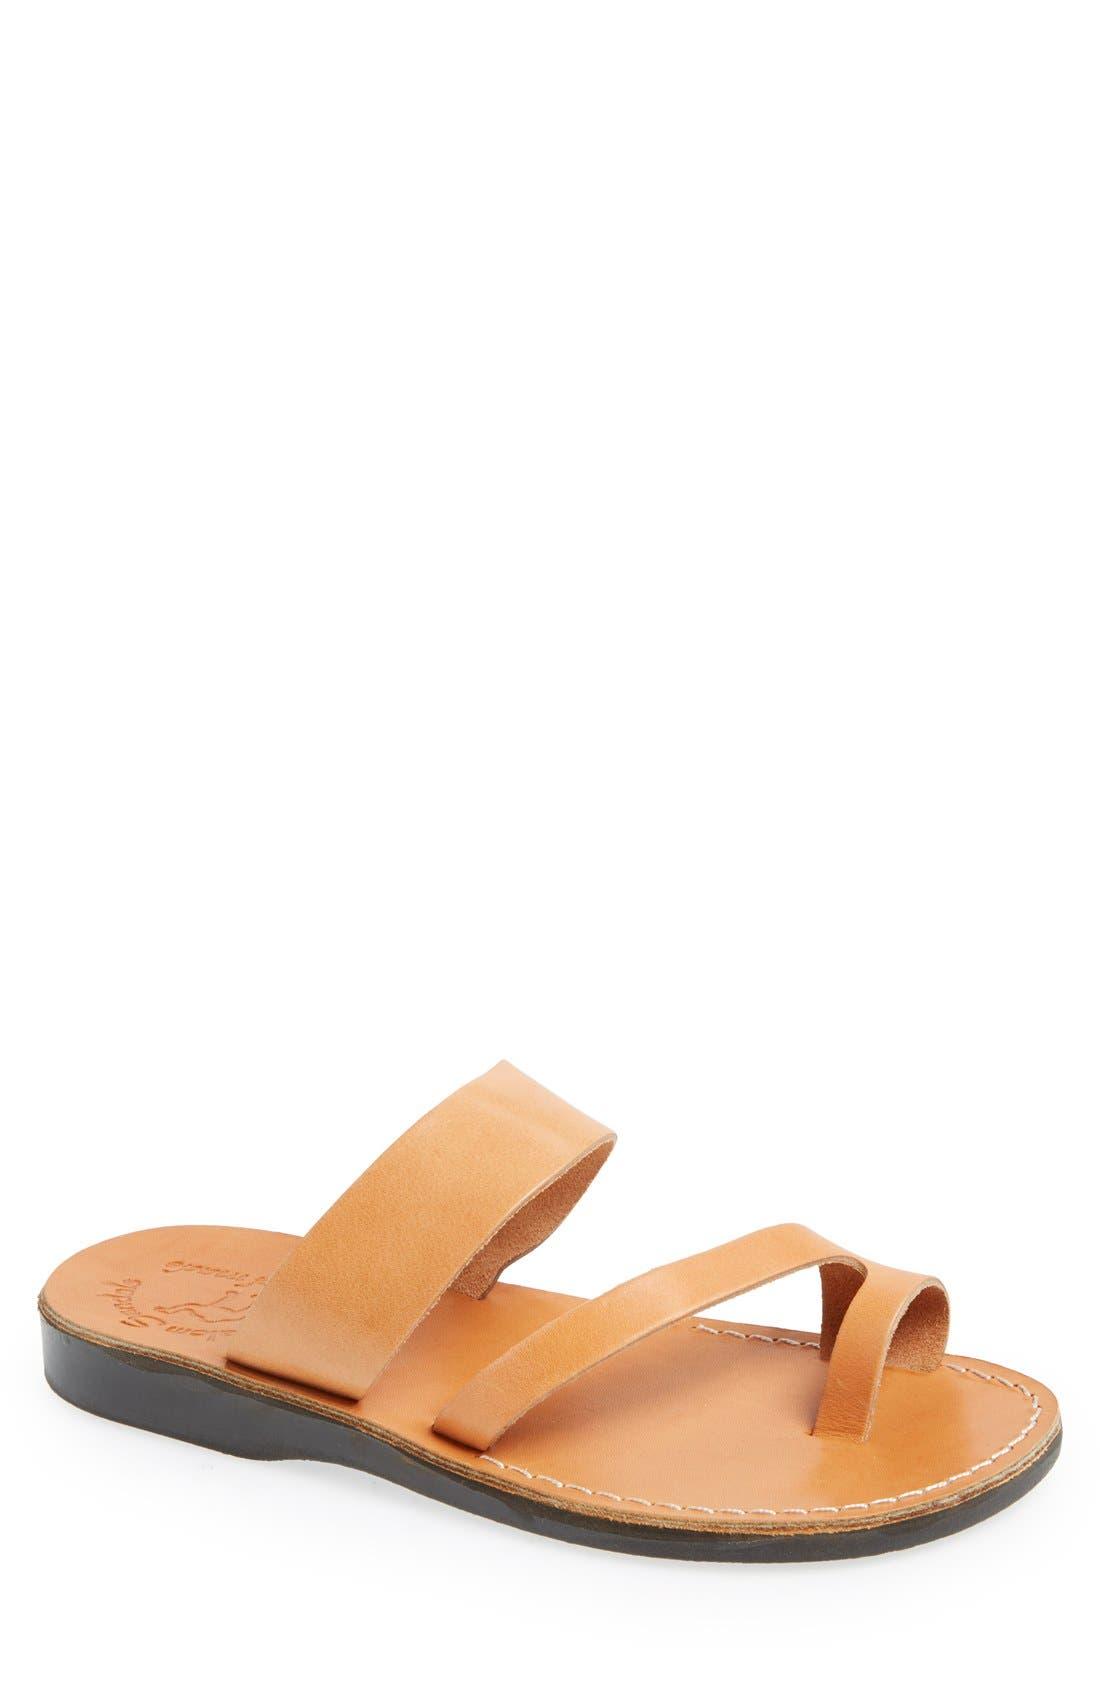 JERUSALEM SANDALS Zohar Leather Sandal